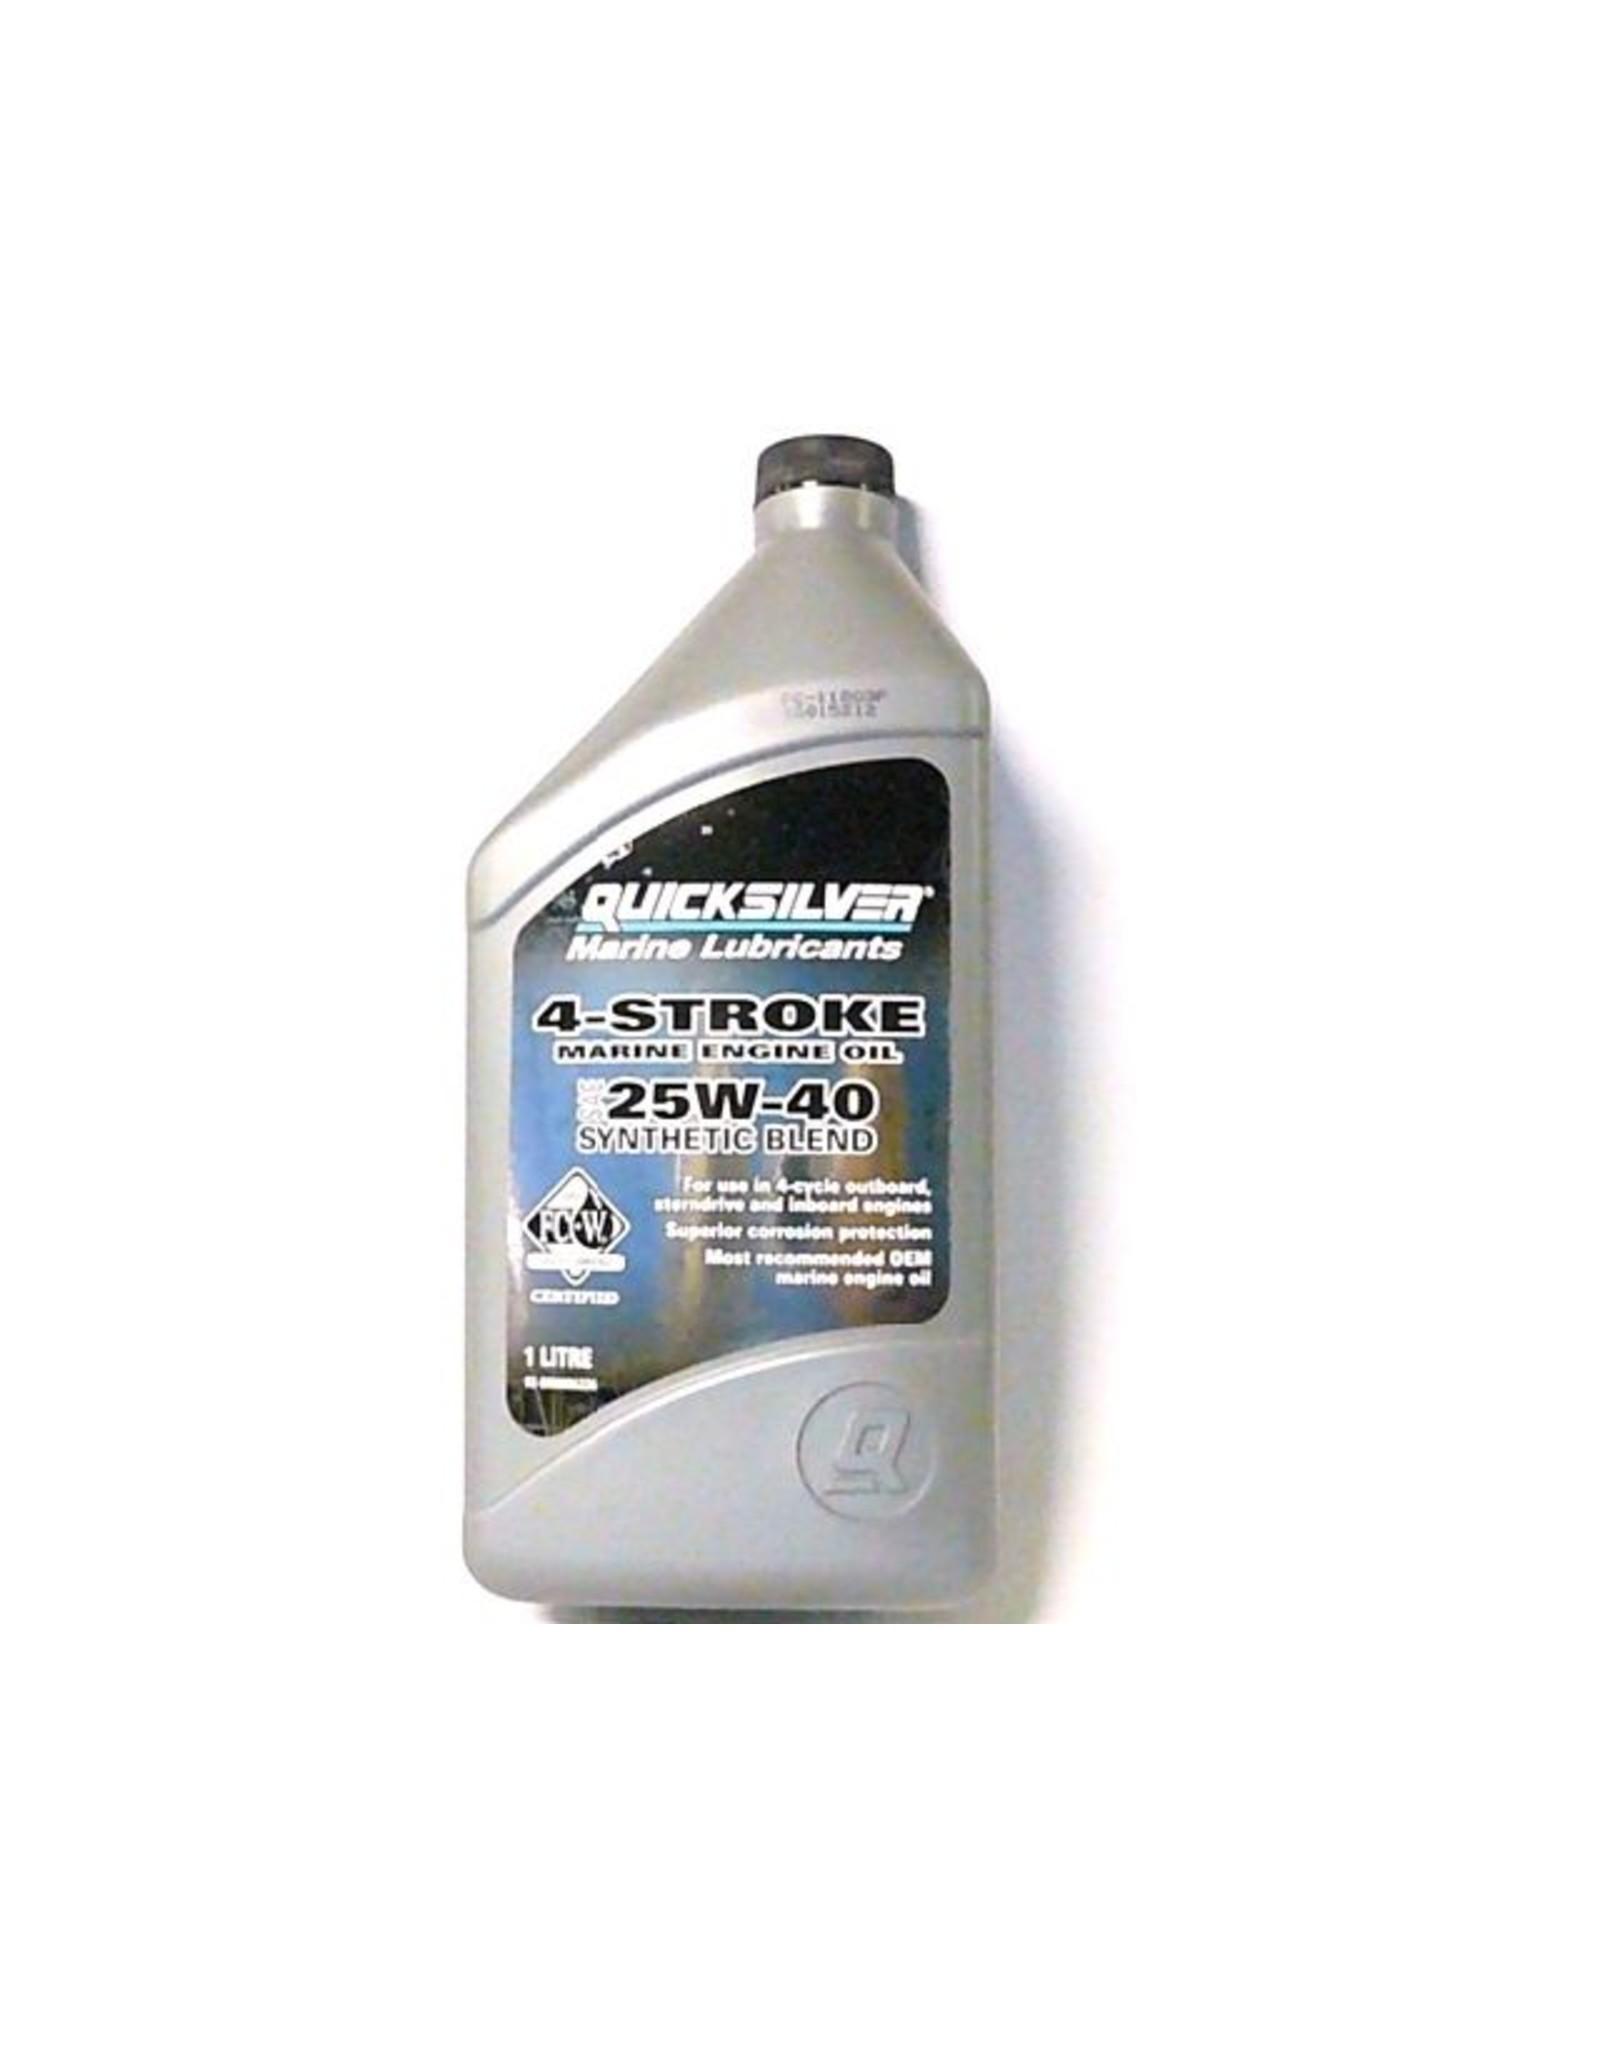 Quicksilver Mercury / Quicksilver synthetische 4-Takt olie 25W-40.